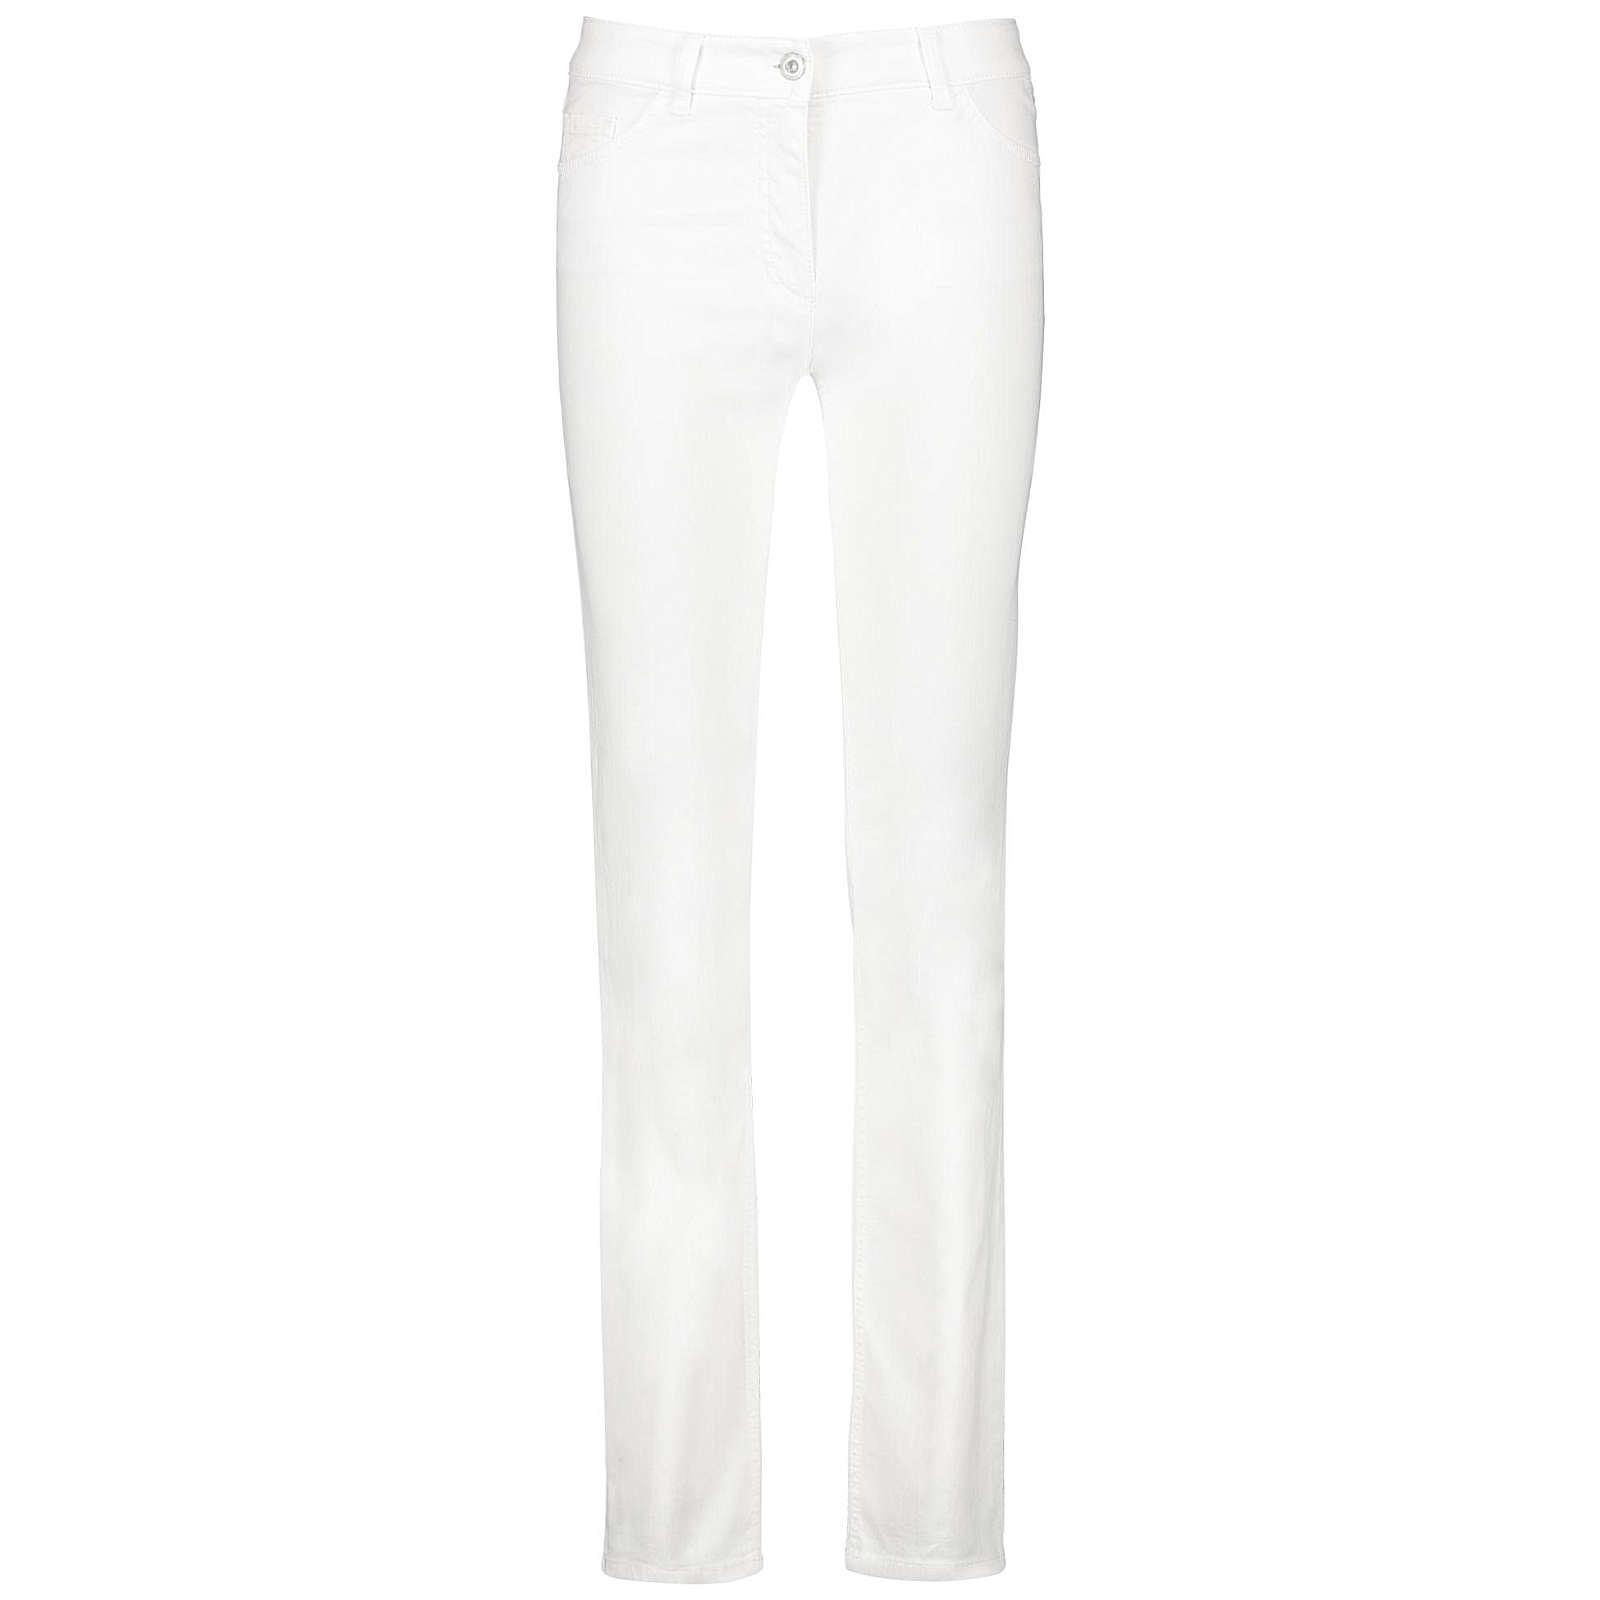 Gerry Weber Hose Jeans lang 5-Pocket Jeans Straight Fit Romy weiß Damen Gr. 44